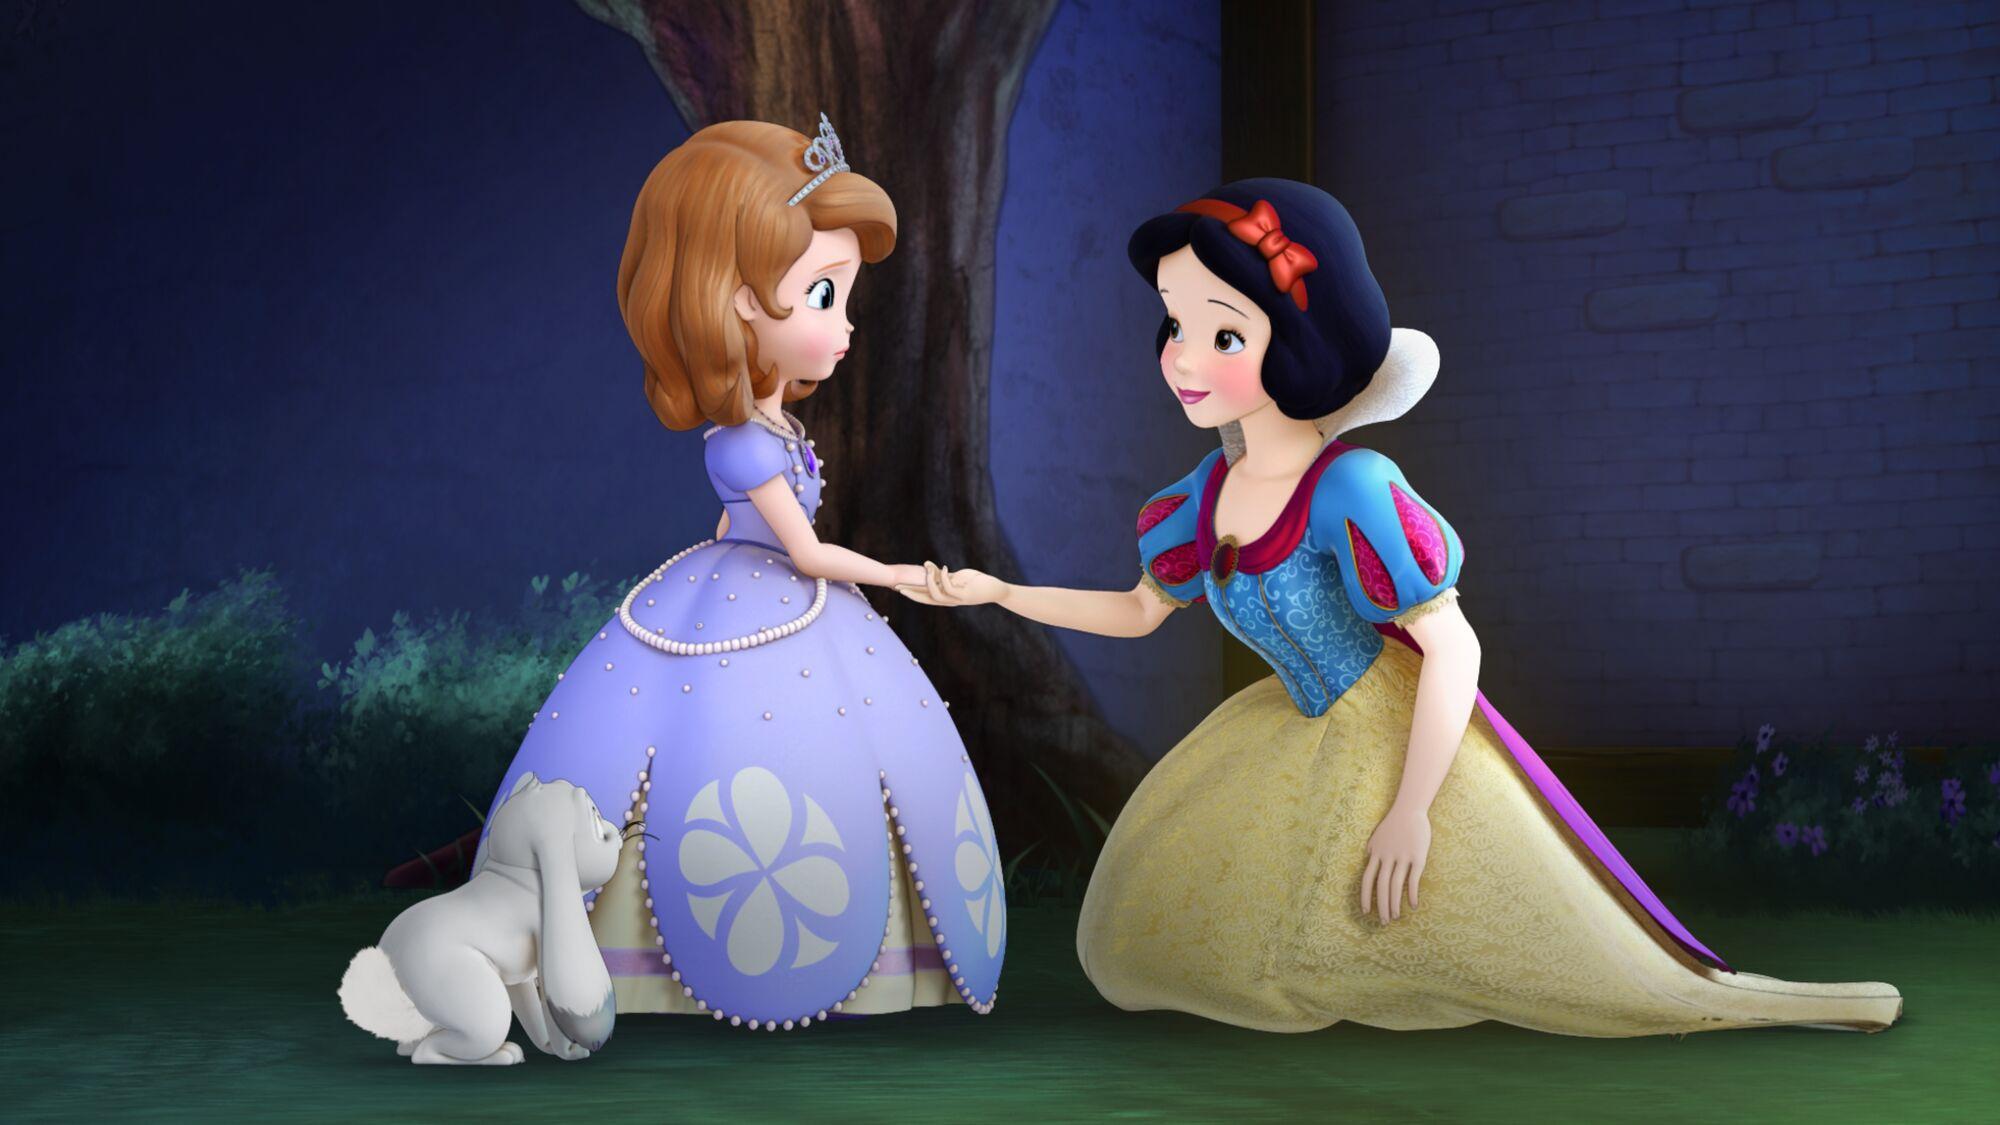 Image sofia and snow white jpg disney wiki fandom powered by wikia